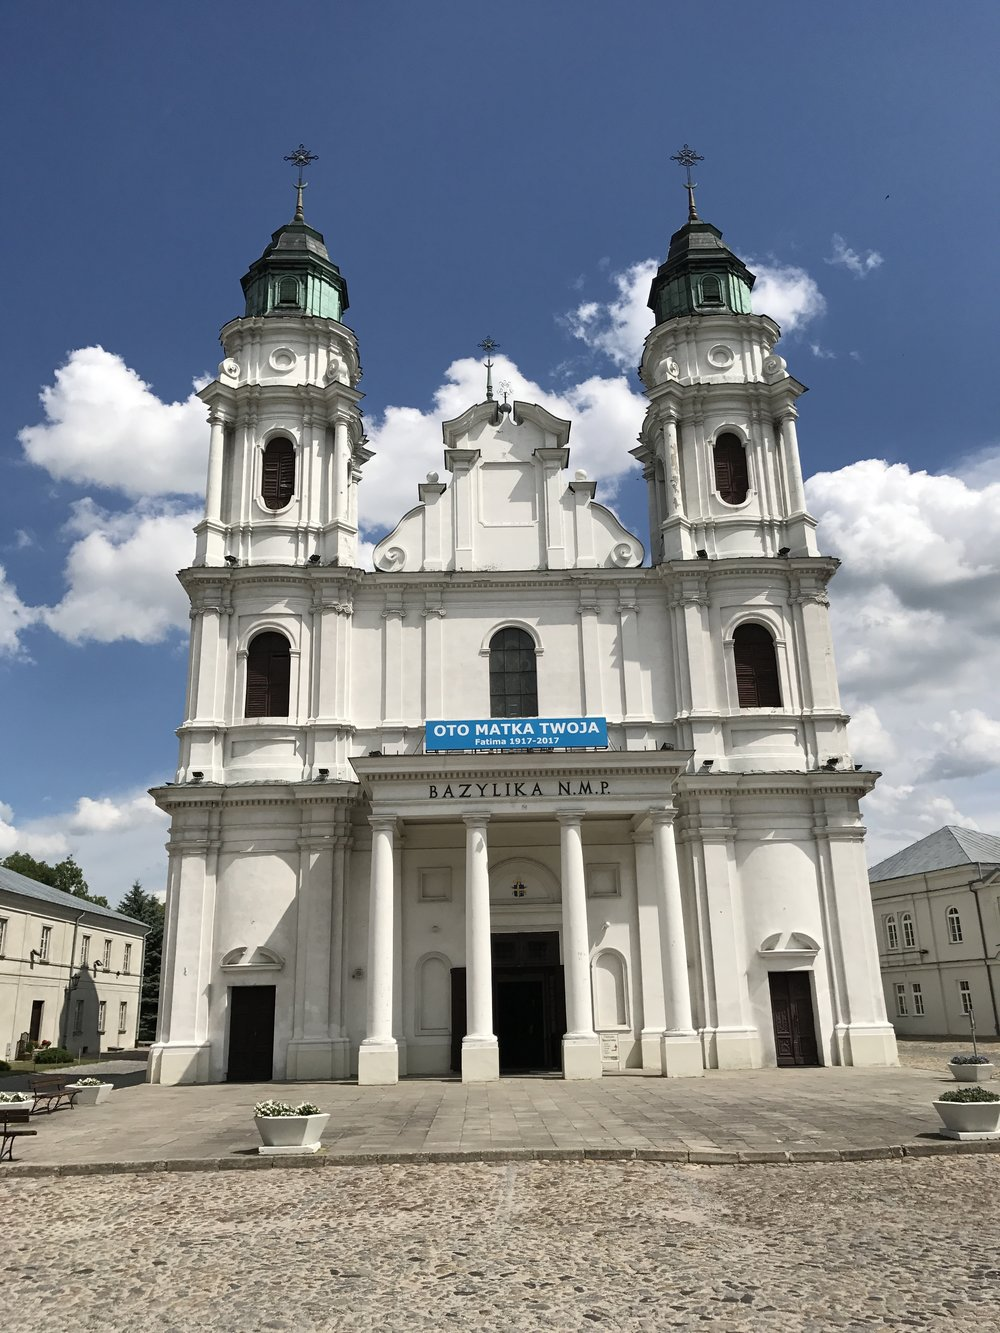 Chelm, Poland Basilica